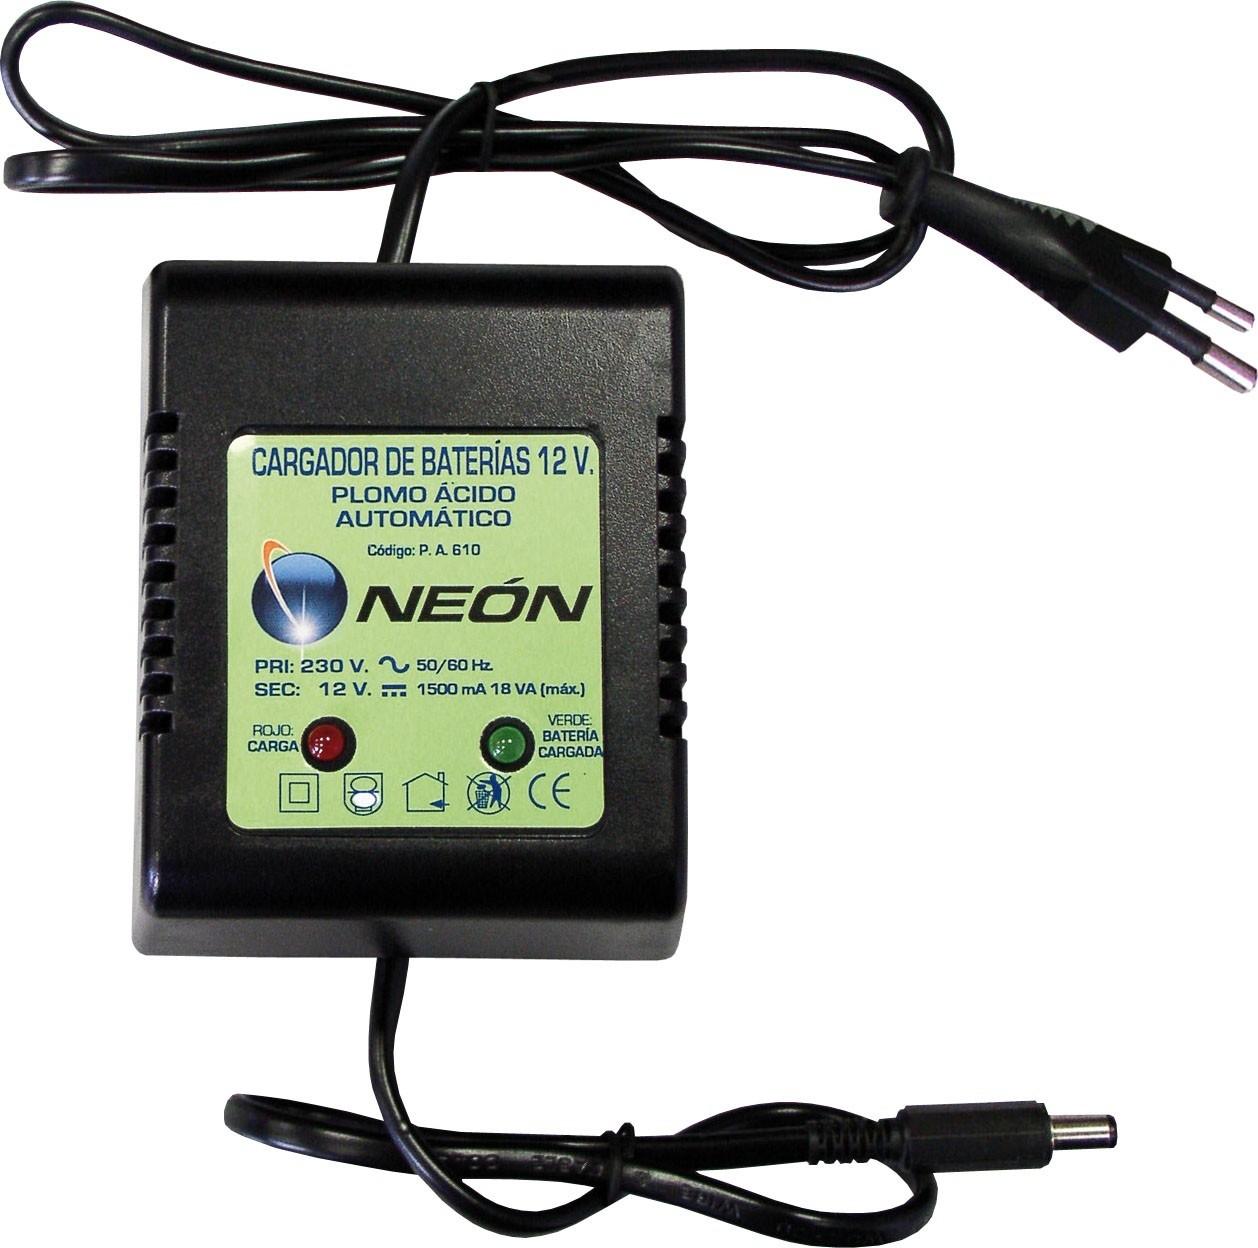 Cargador de baterías Z-100 para la carga de baterías ácido plomo herméticas 12v.3a/h